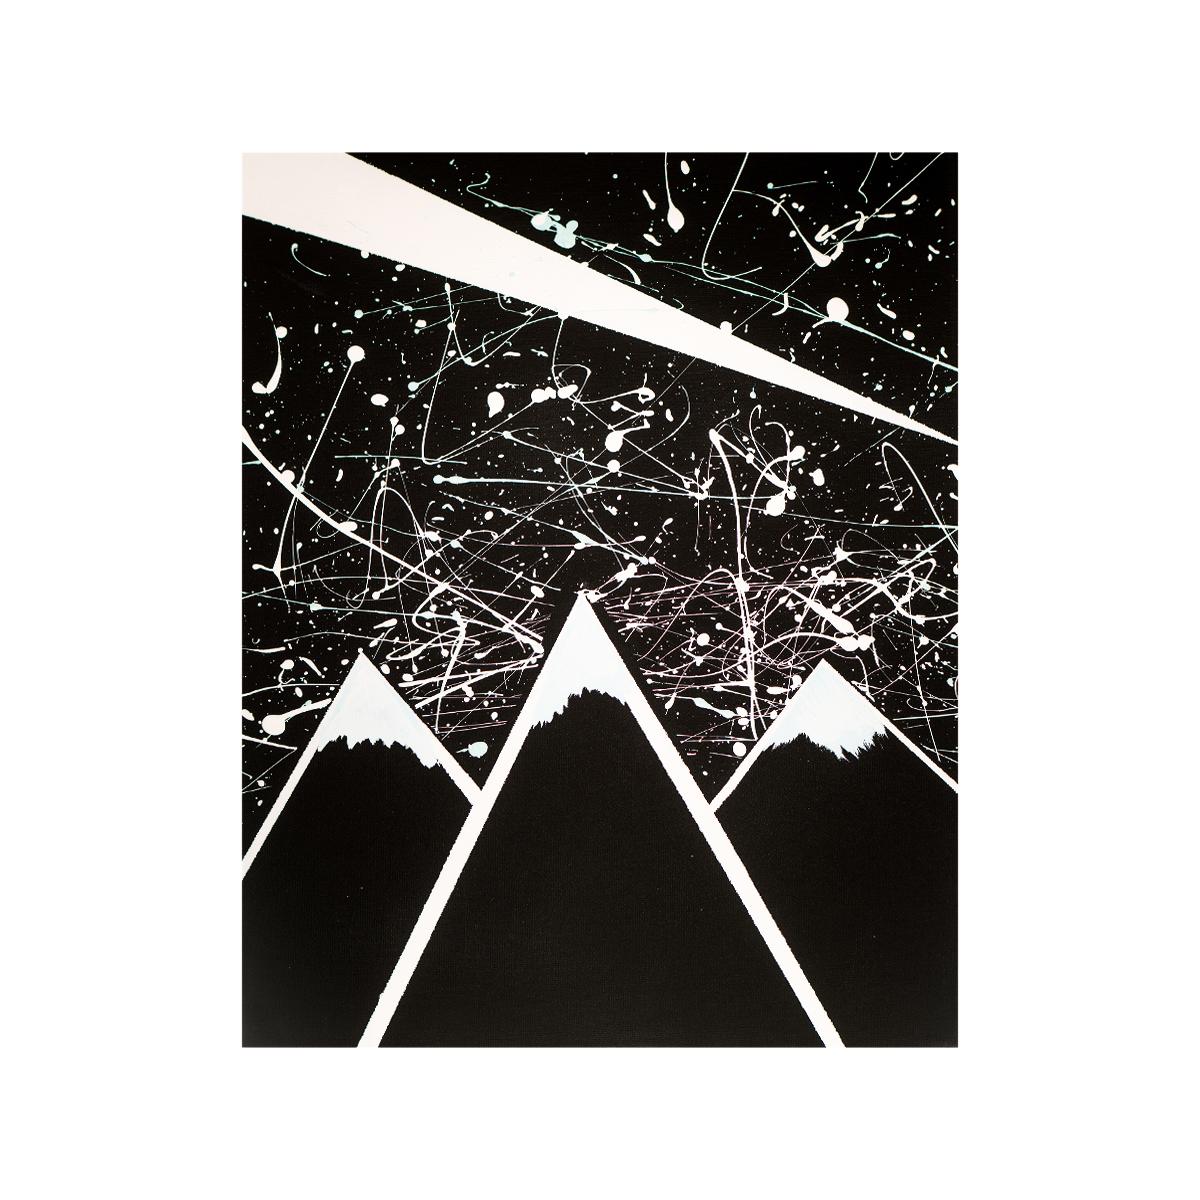 Stars Fly Over Spilt Milky Way  16x20 acrylic on canvas